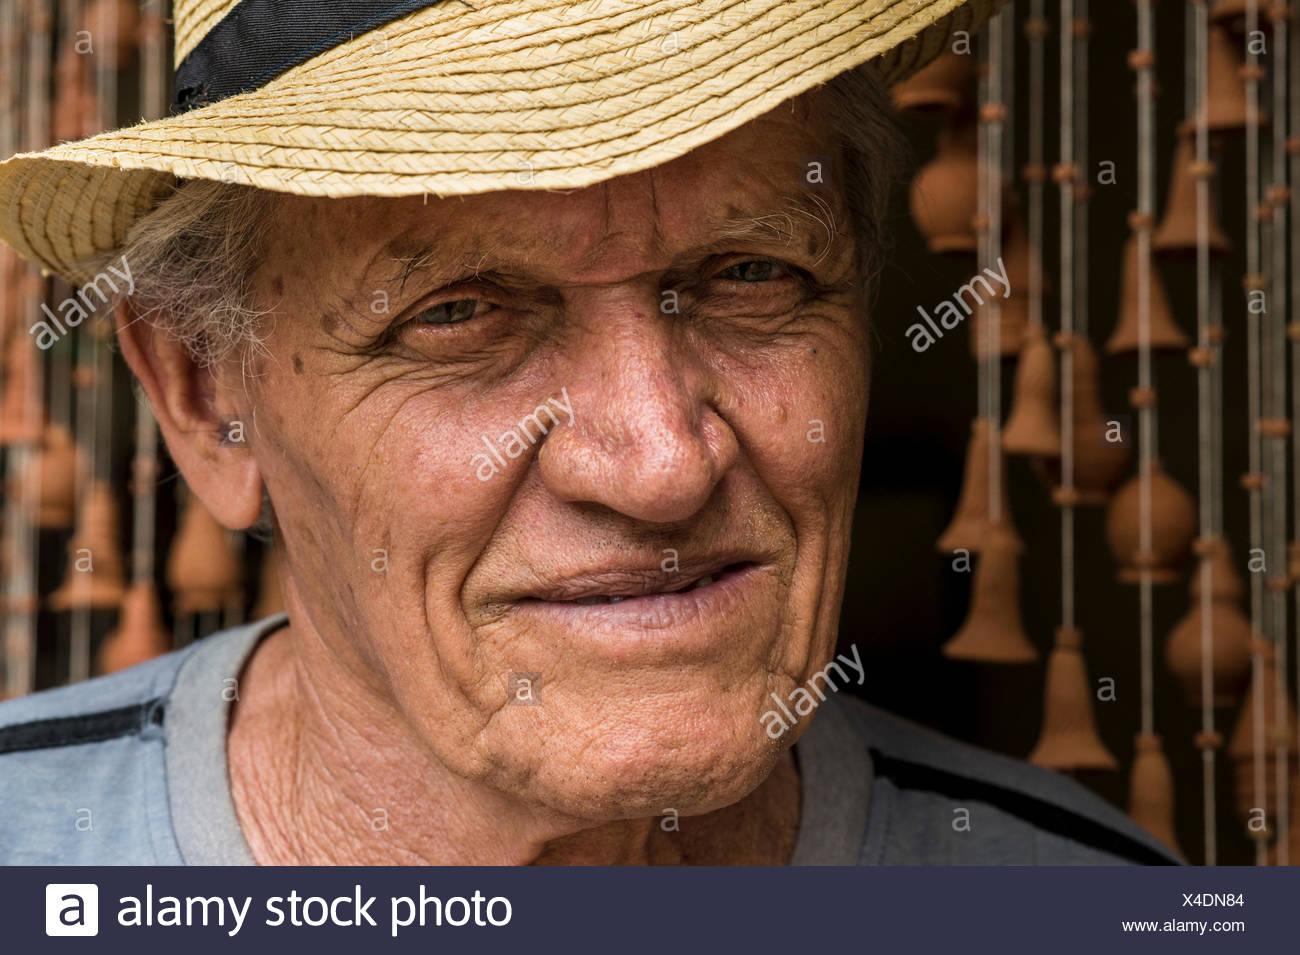 Retrato de Daniel 'Chichi' Santander, cubanos de renombre en su taller alfarero El Alfarero Casa Chichi. Trinidad, Sancti Spíritus, Cuba. Imagen De Stock